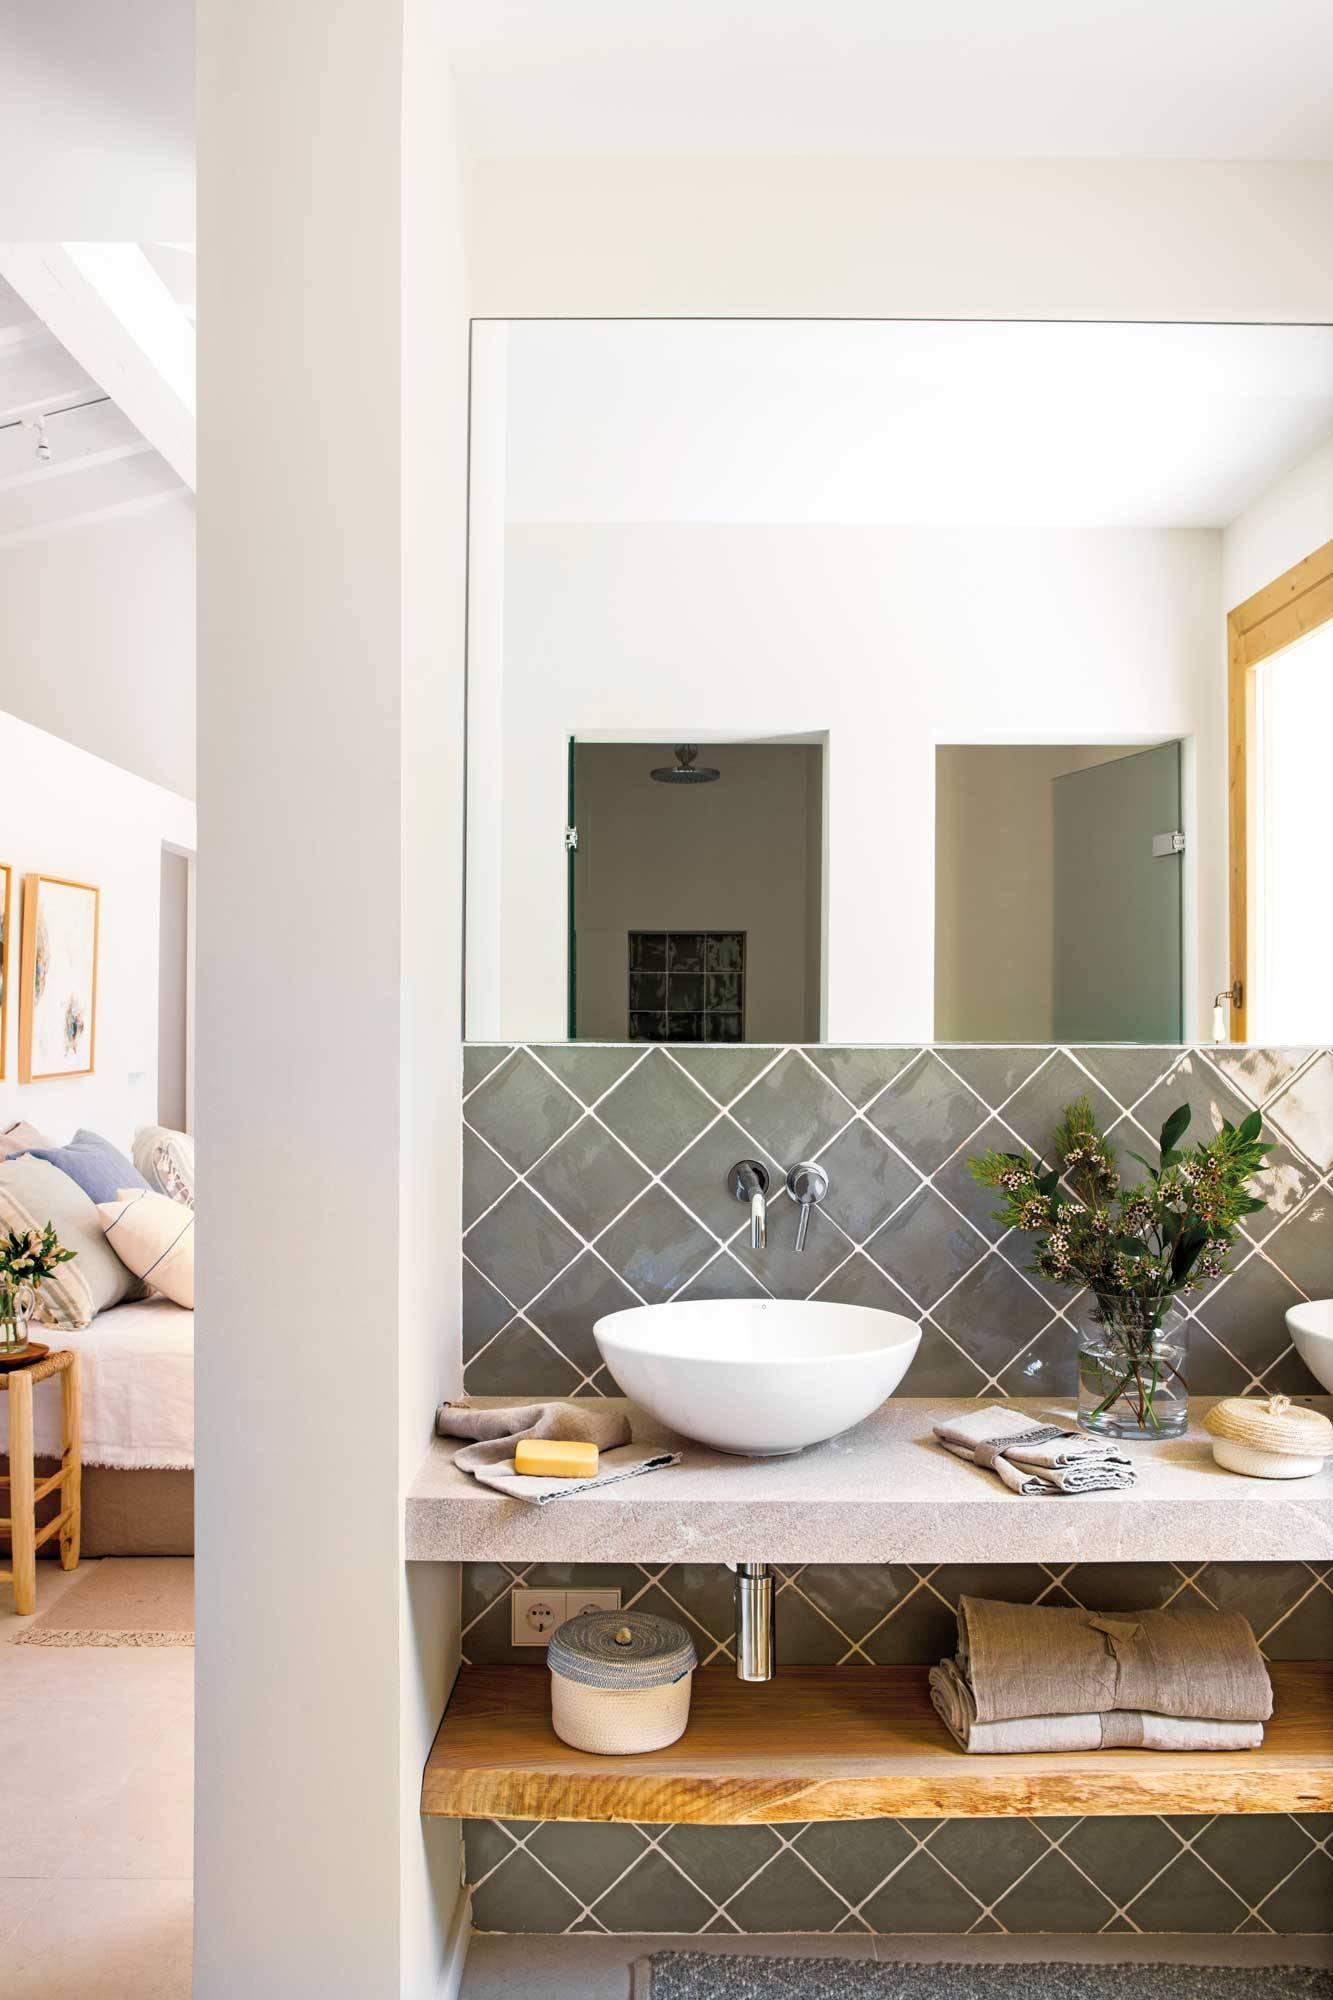 mueble-de-bano-con-encimera-de-cemento-y-balda-en-madera-00508442 f0de967d 1333x2000. Per pulire il bagno